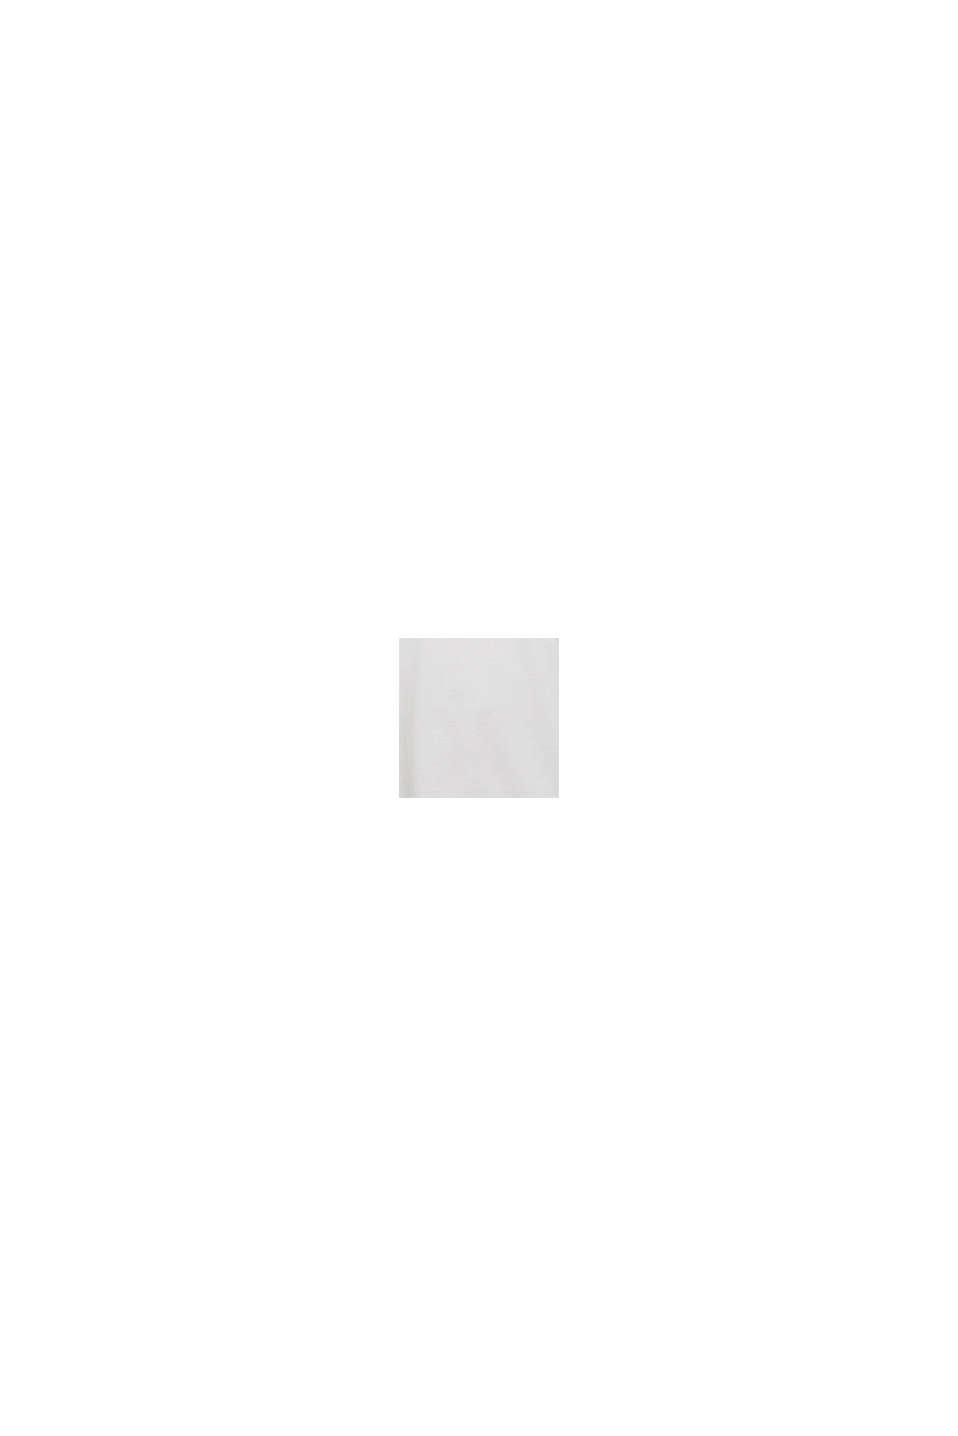 Jersey T-shirt van biologisch katoen met logo, OFF WHITE, swatch